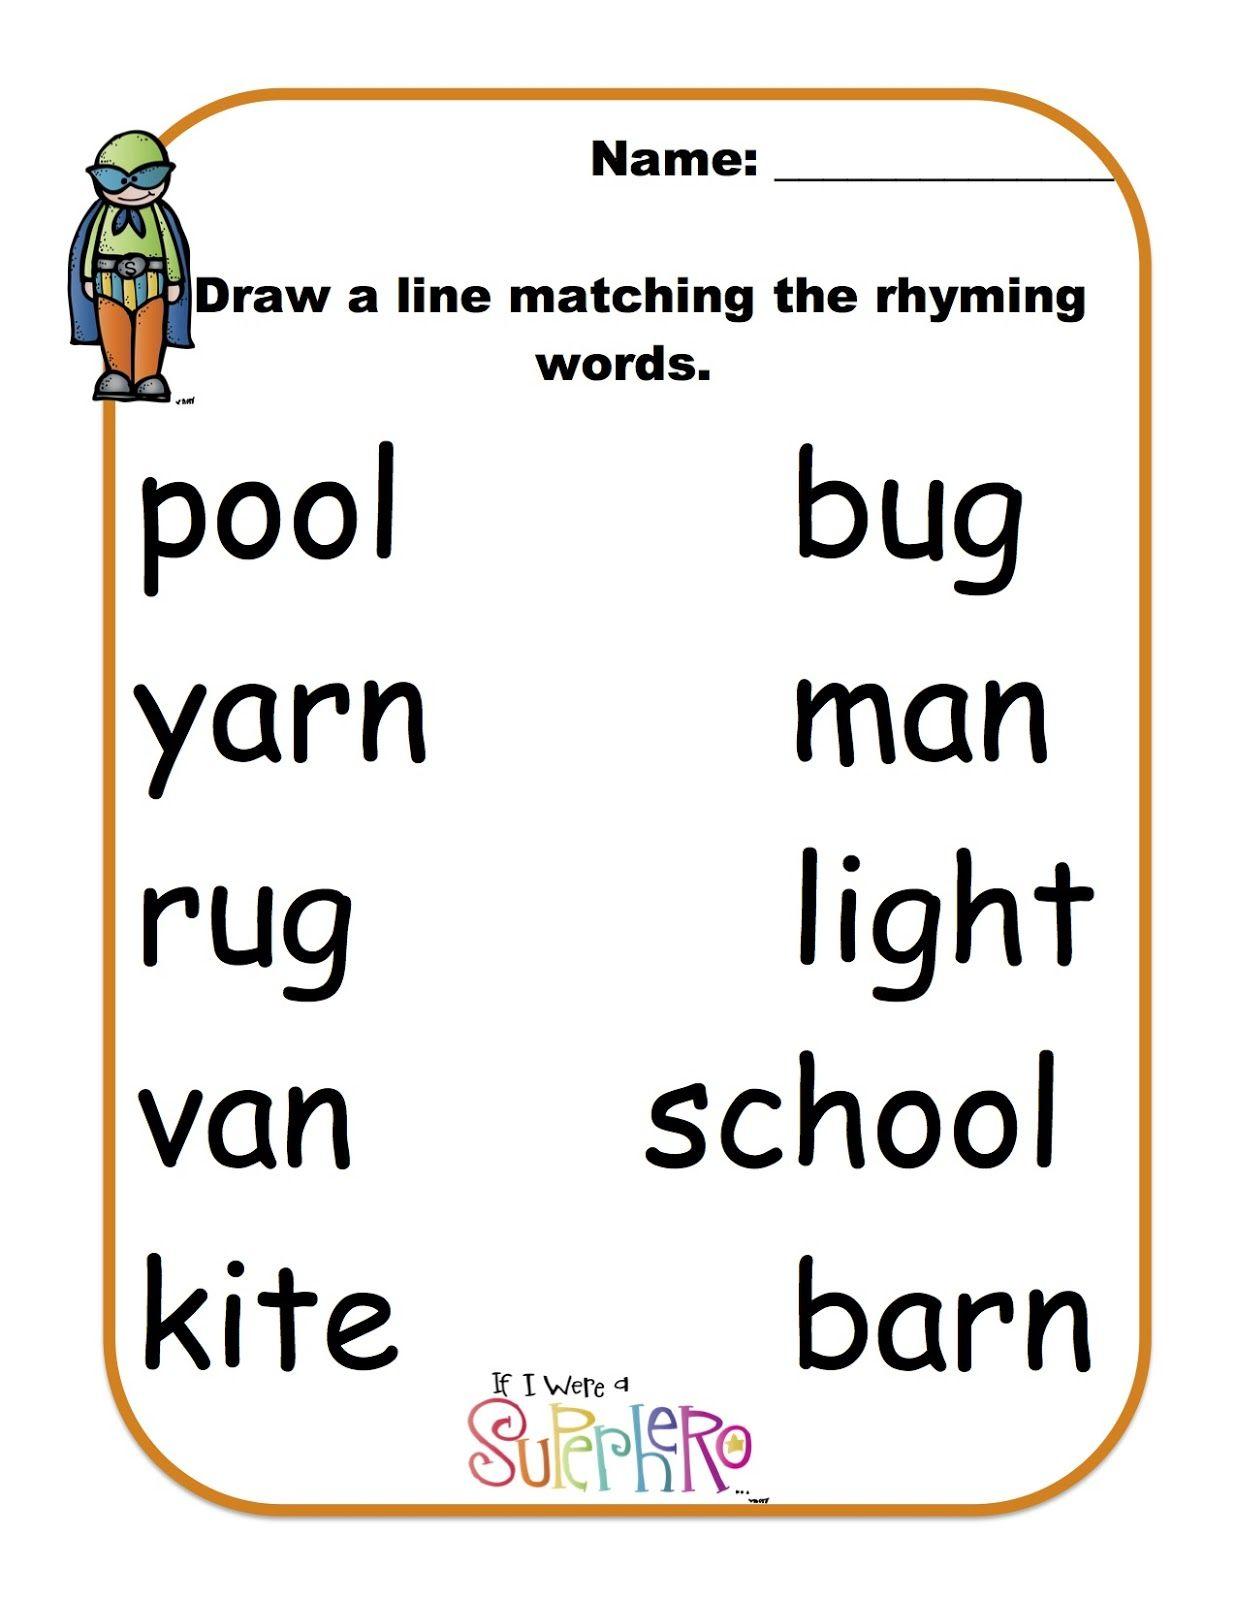 Worksheets Free Printable Rhyming Worksheets For Kindergarten words that rhyme with love free watch movie online rhyming super heros preschool printables